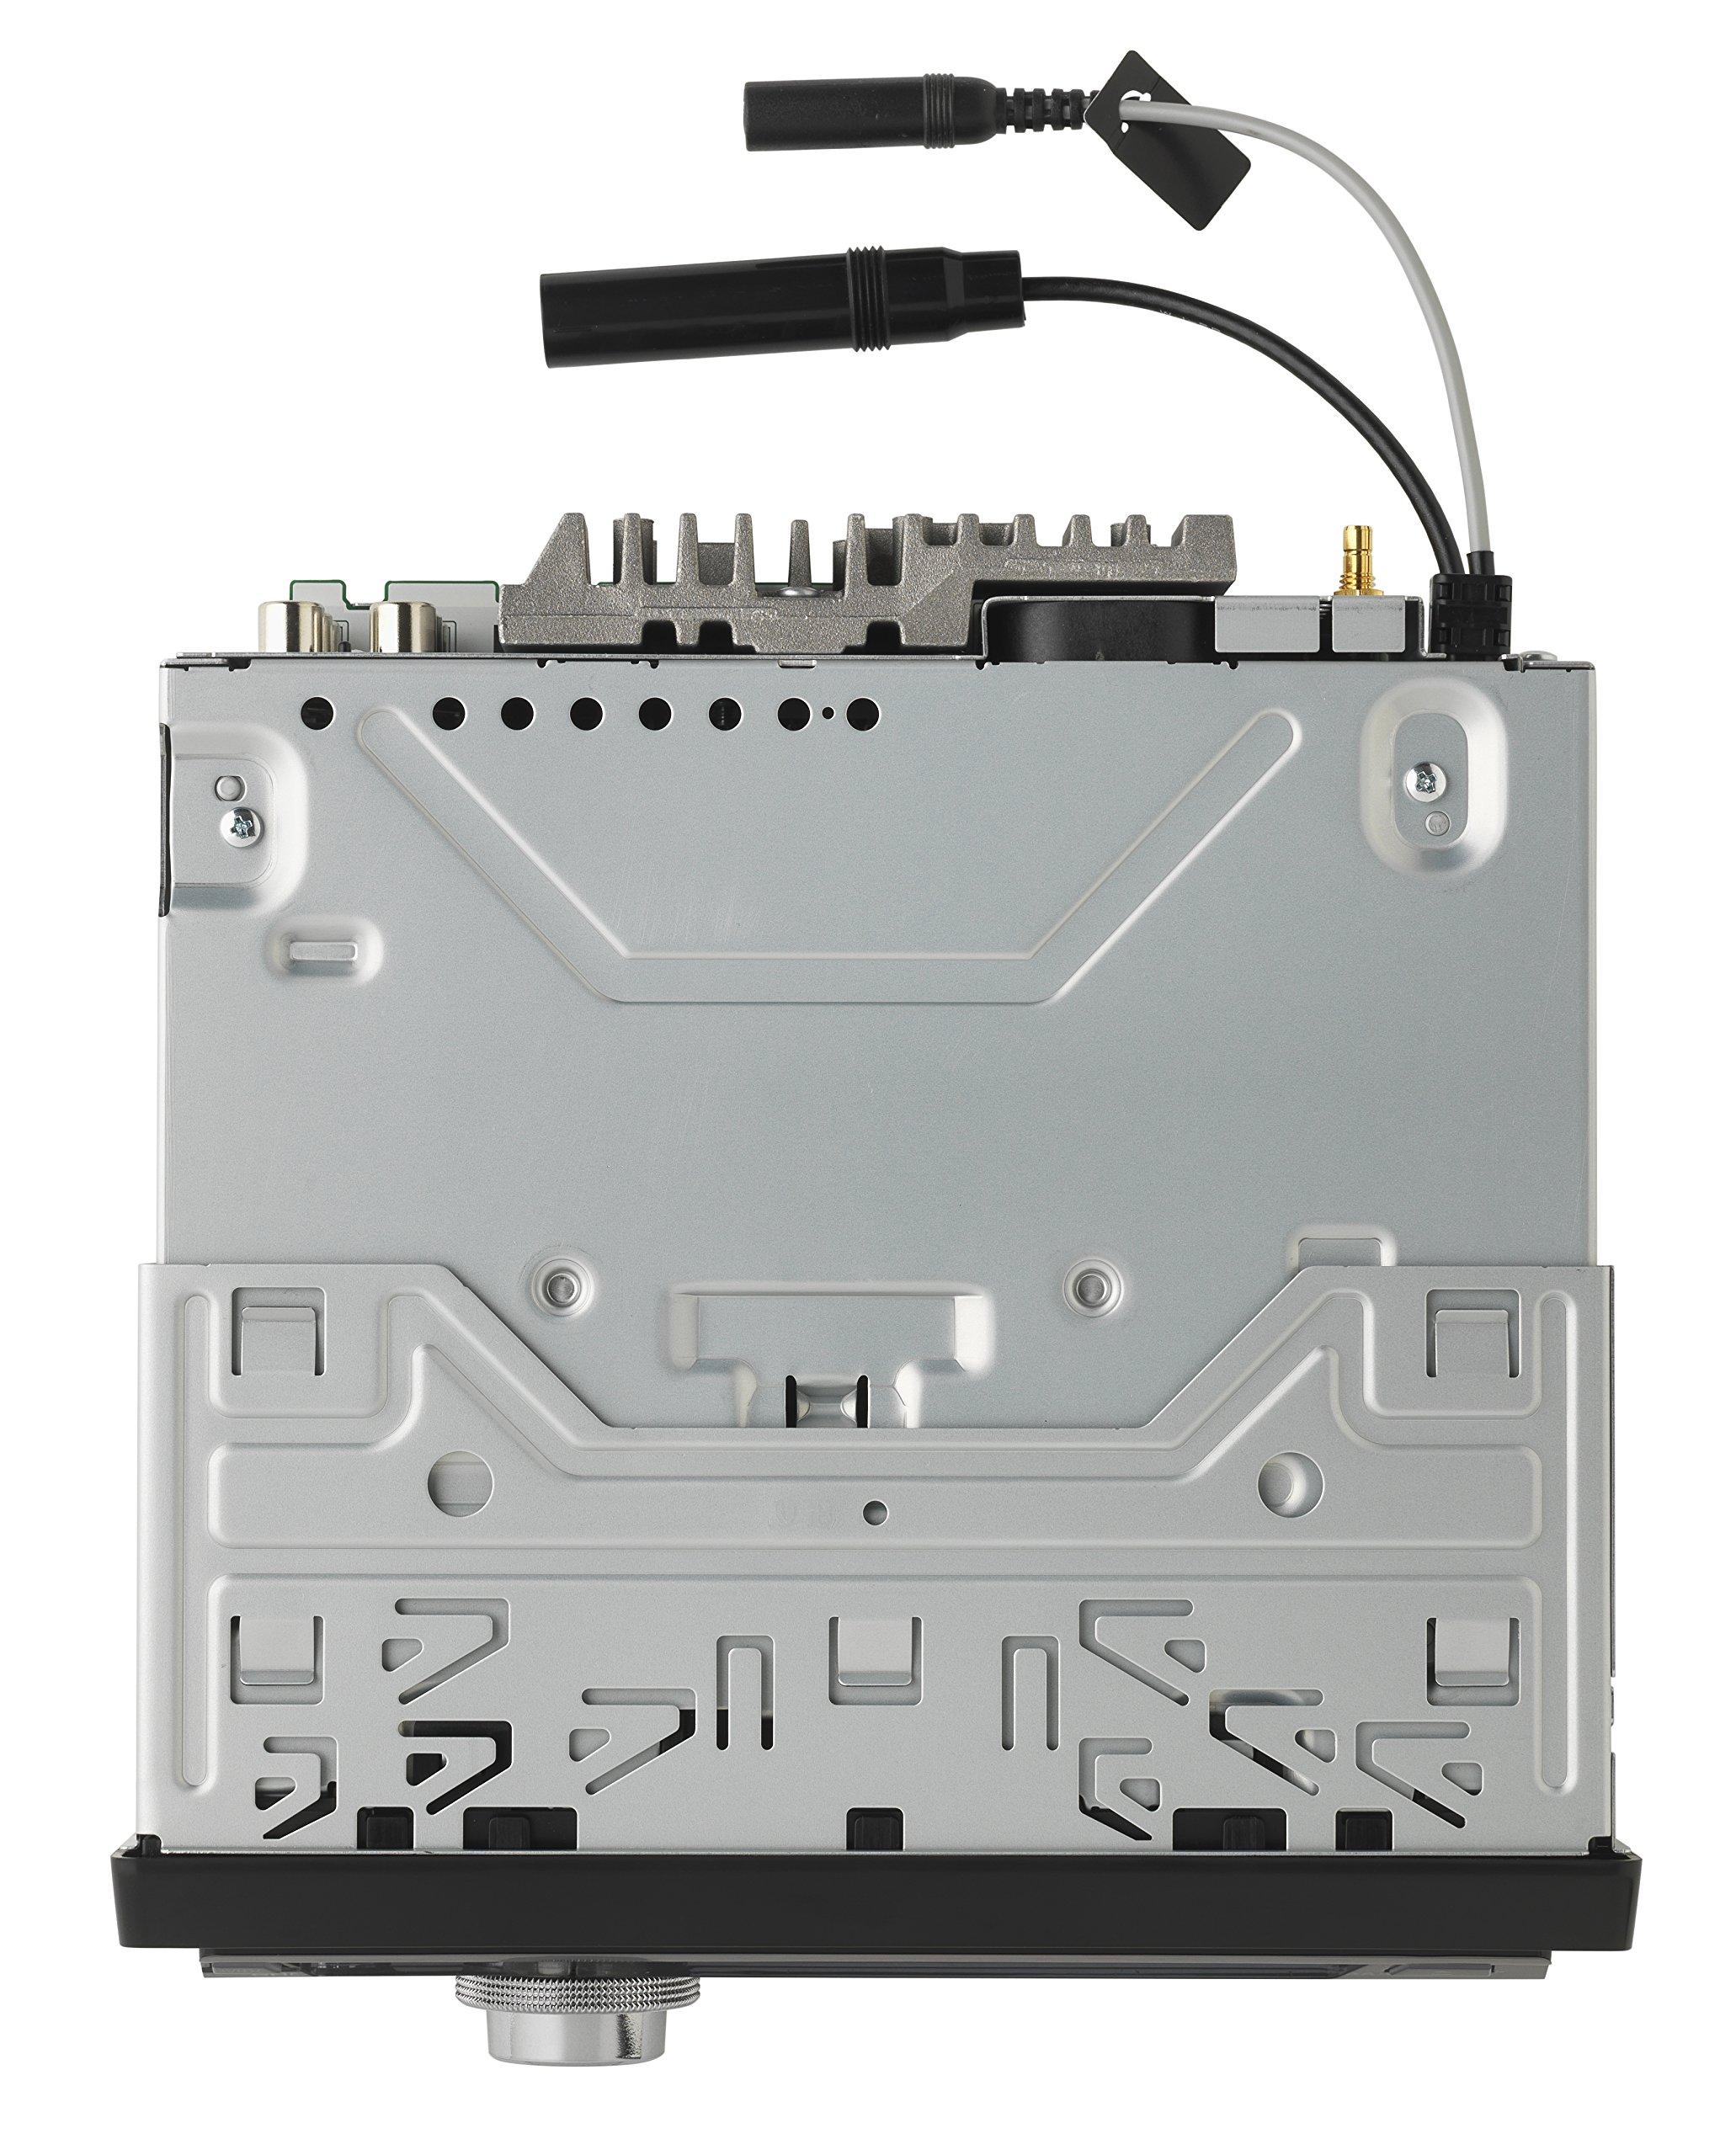 Pioneer-DEH-X8700DAB-CD-Autoradio-mit-DAB-USB-AUXiPodiPhone-Direktsteuerung-Android-Media-Access-Bluetooth-Freisprecheinrichtung-200-Watt